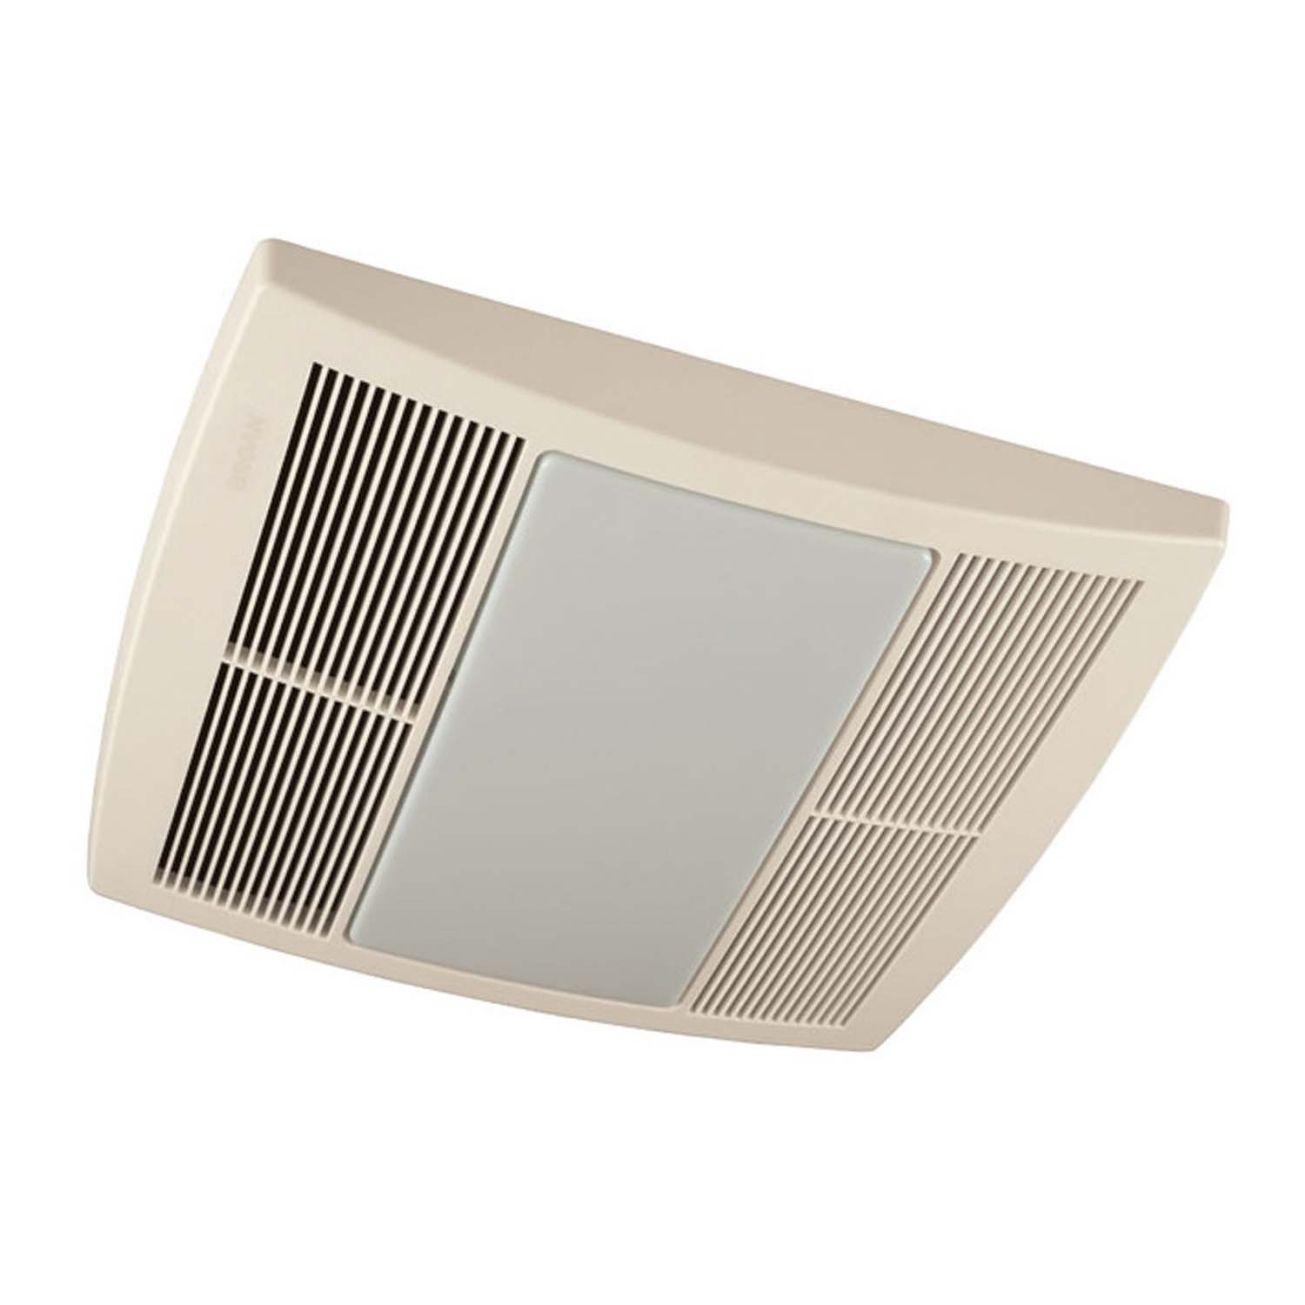 Amazing Broan Bathroom Exhaust Fan Light